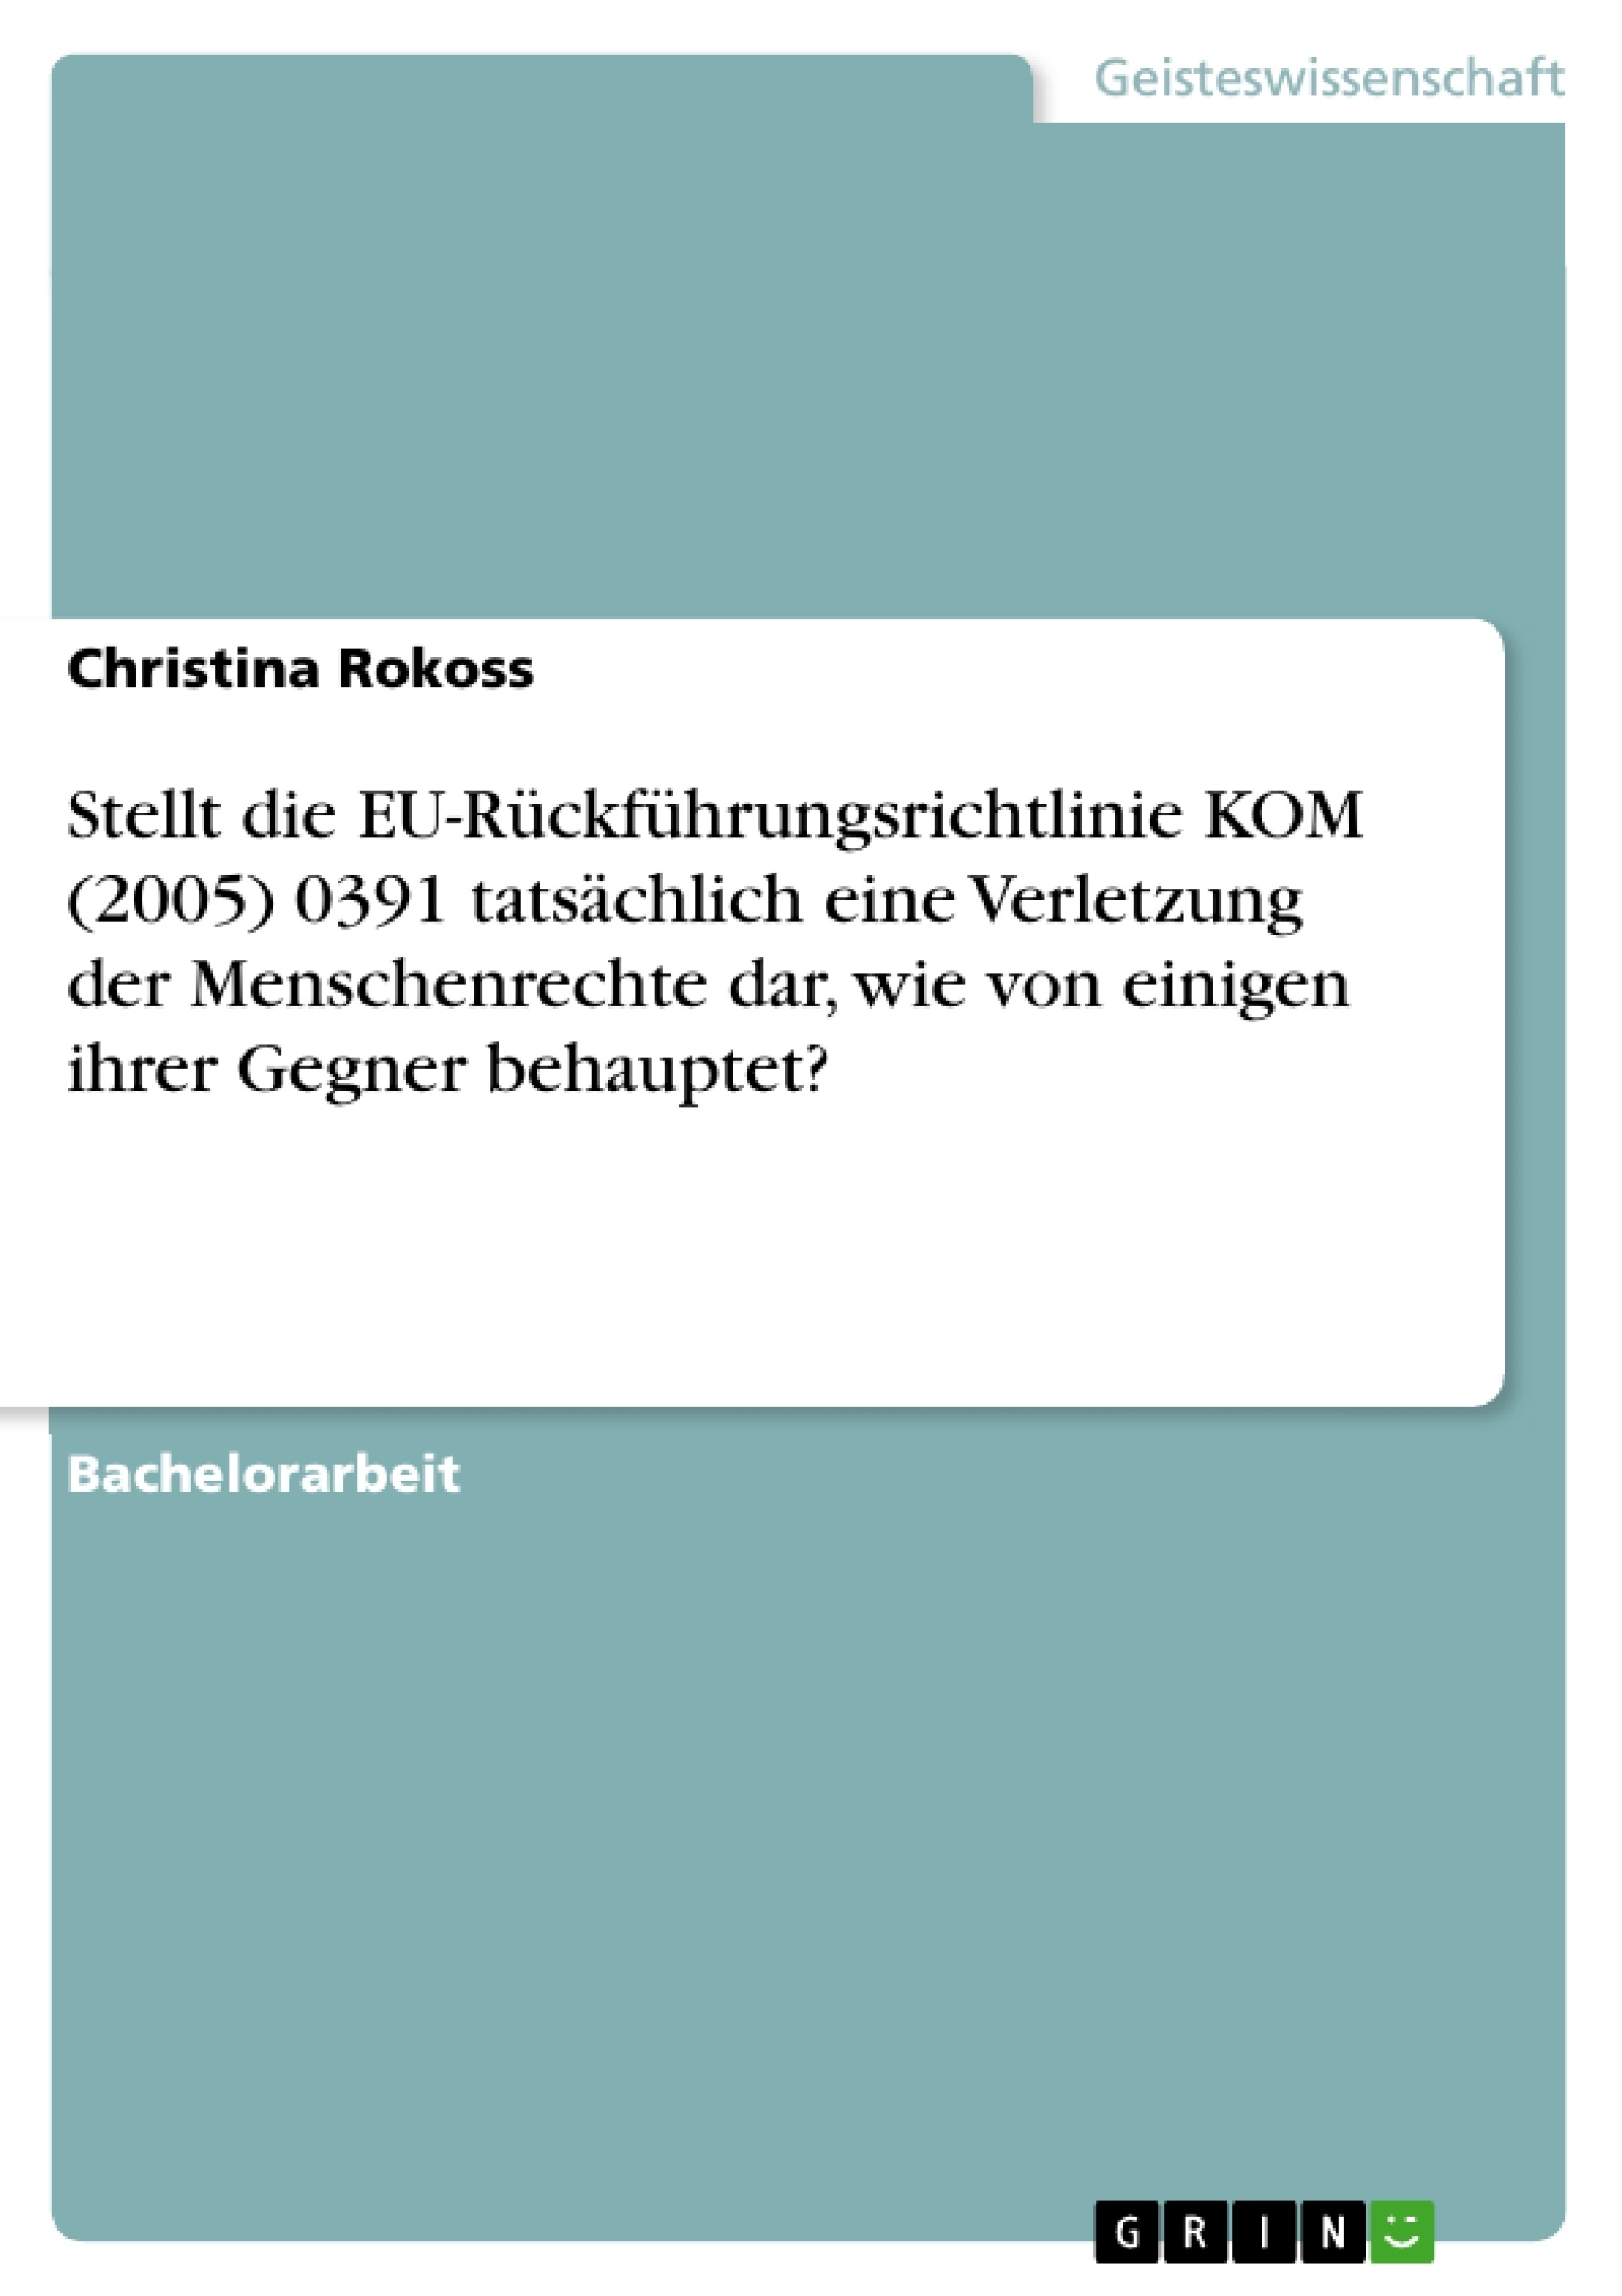 Titel: Stellt die EU-Rückführungsrichtlinie KOM (2005) 0391 tatsächlich eine Verletzung der Menschenrechte dar, wie von einigen ihrer Gegner behauptet?